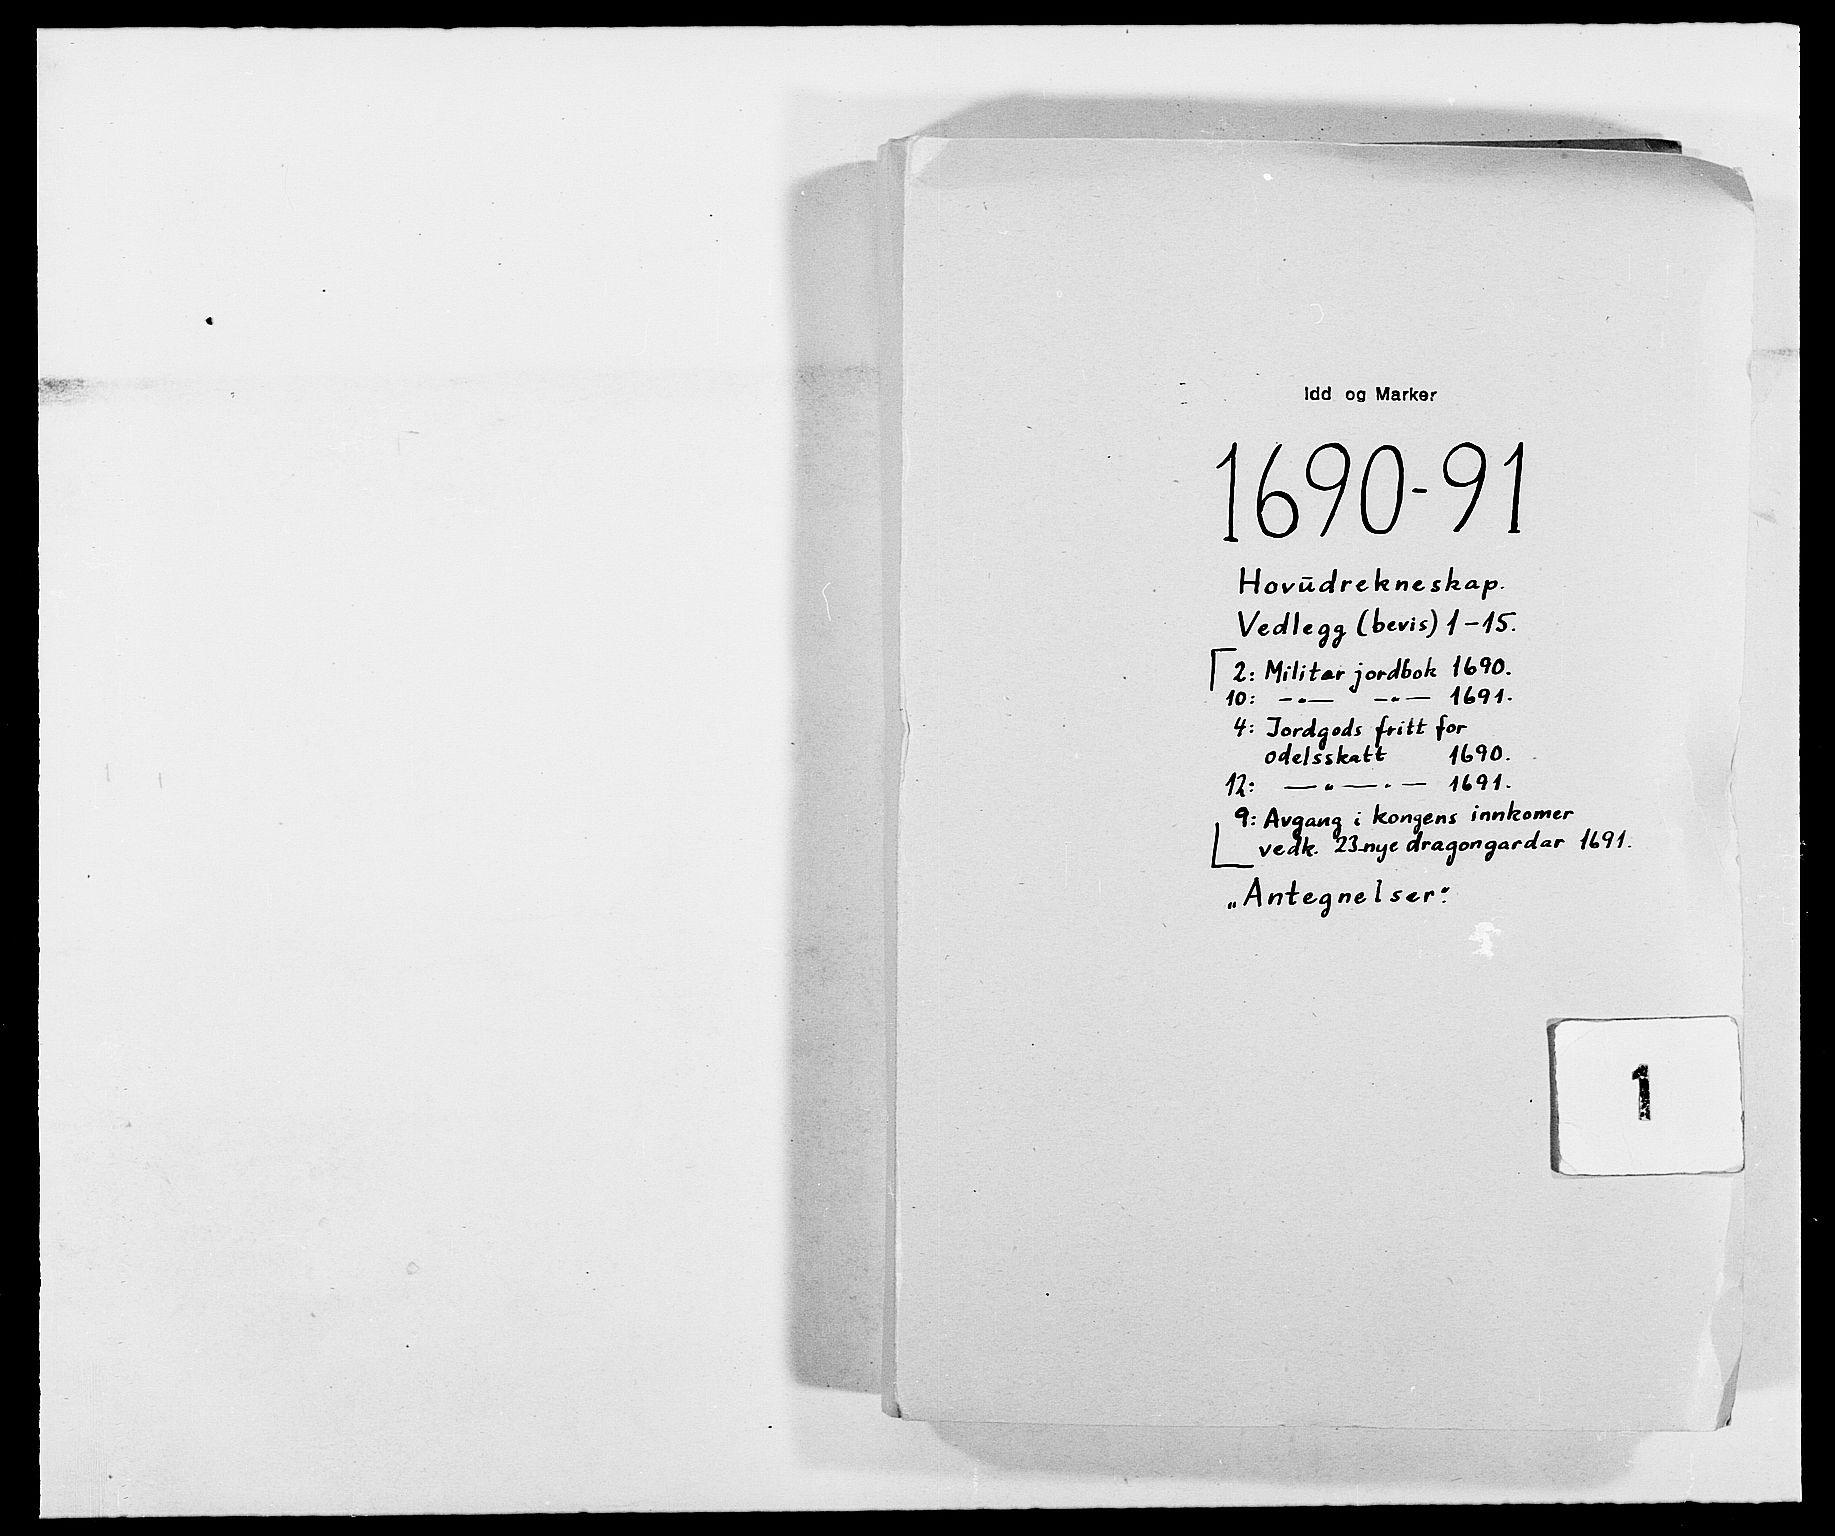 RA, Rentekammeret inntil 1814, Reviderte regnskaper, Fogderegnskap, R01/L0010: Fogderegnskap Idd og Marker, 1690-1691, p. 1